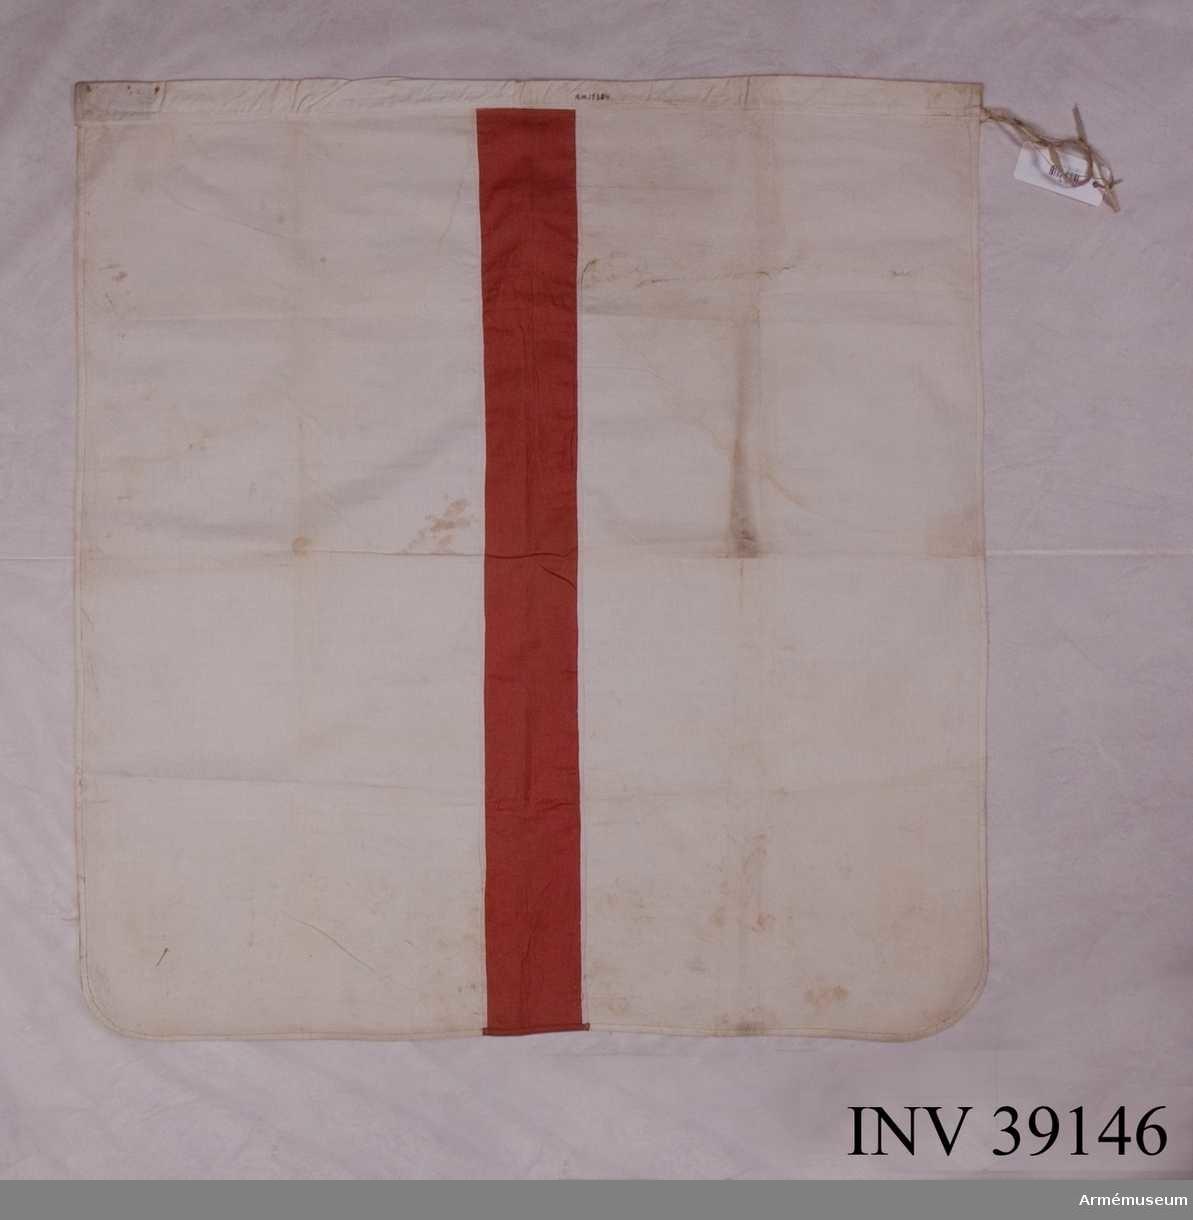 Grupp H III.  Vit flagga med ett rött tvärstreck, 10 cm brett.  Kanal upptill, 4 cm bred, och band för fastsättning på stången.  Måttet 87x87 cm är exklusive kanal.Enligt GK 1981.